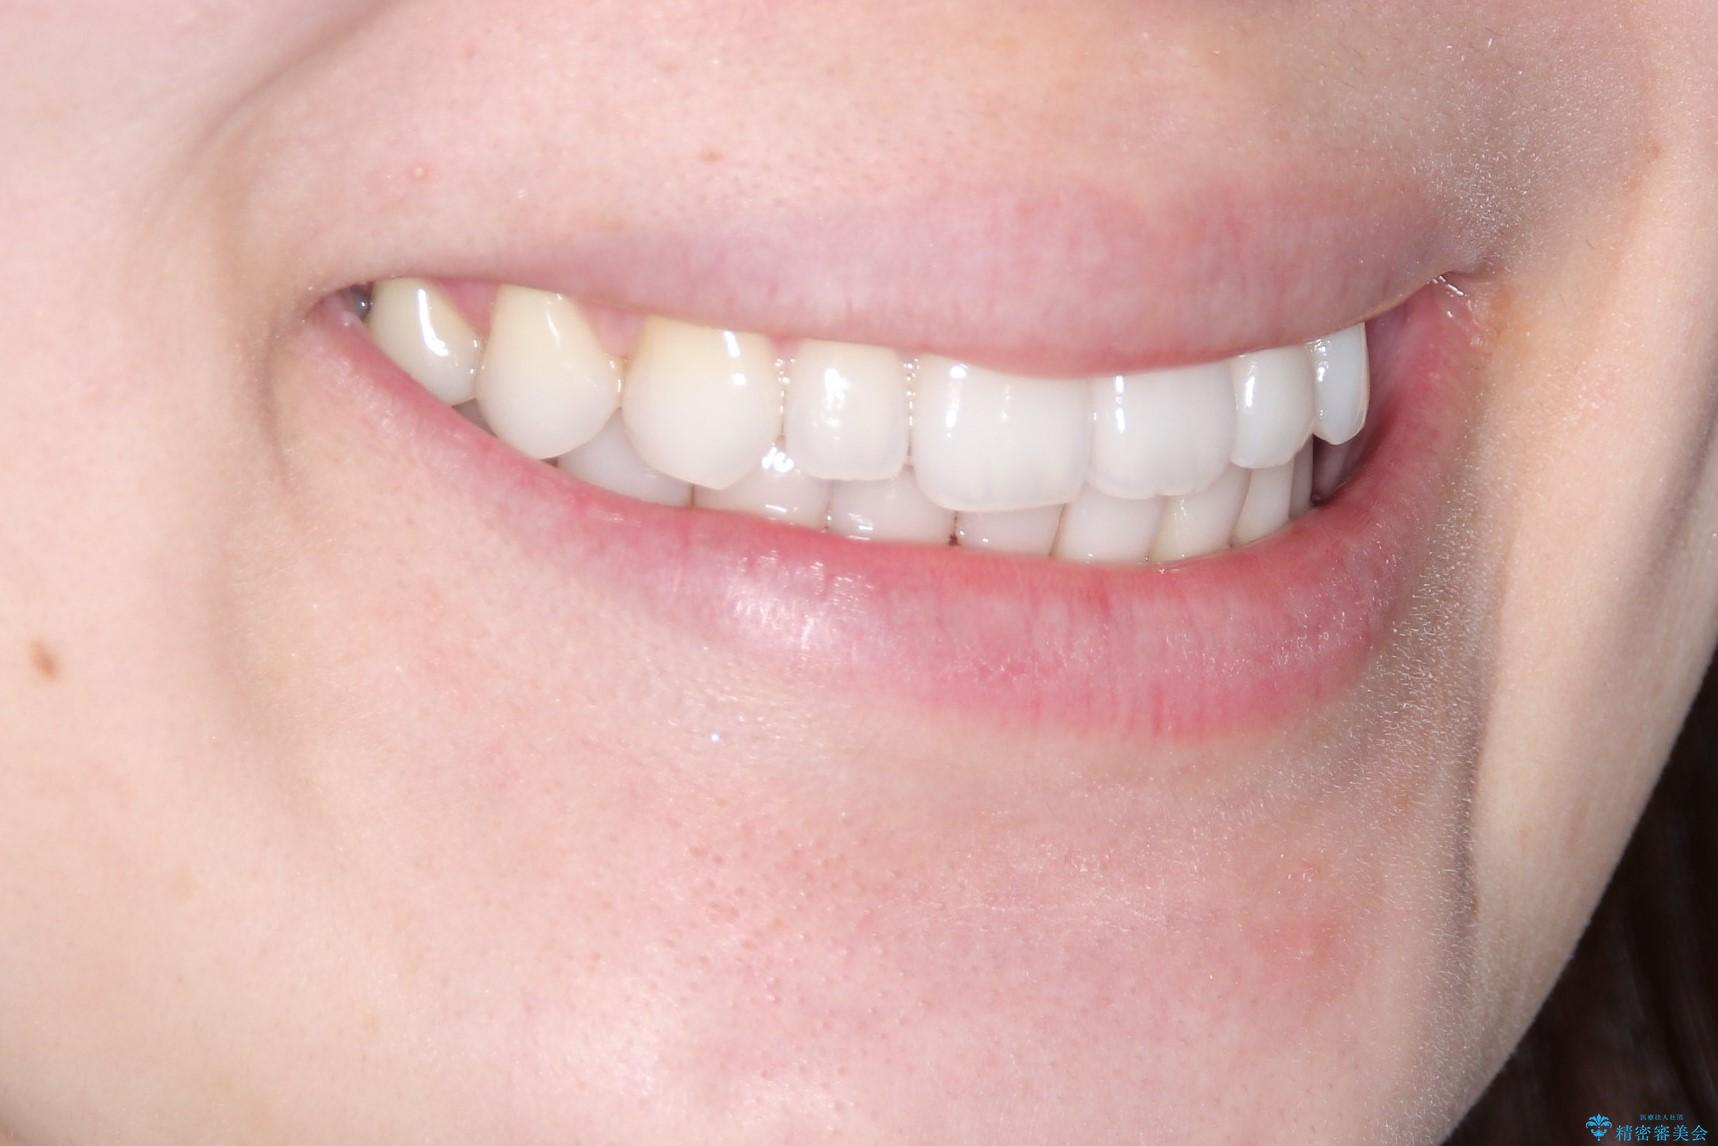 インビザラインで出っ歯を改善する 抜歯をしないinvisalign治療の治療後(顔貌)